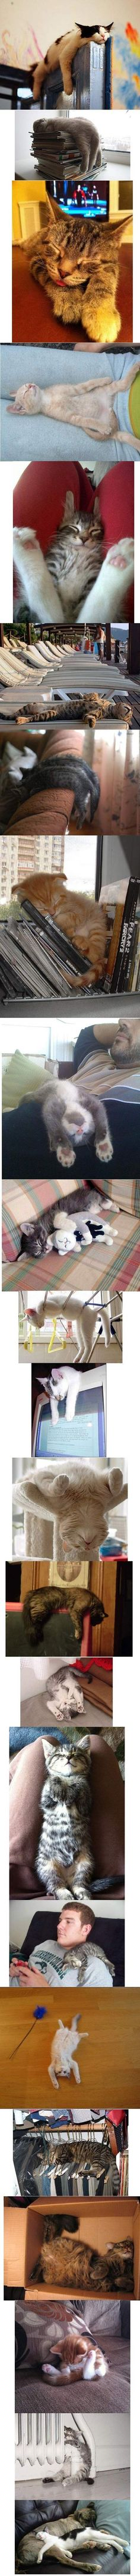 um Katzen kommt mal leider nicht herum....